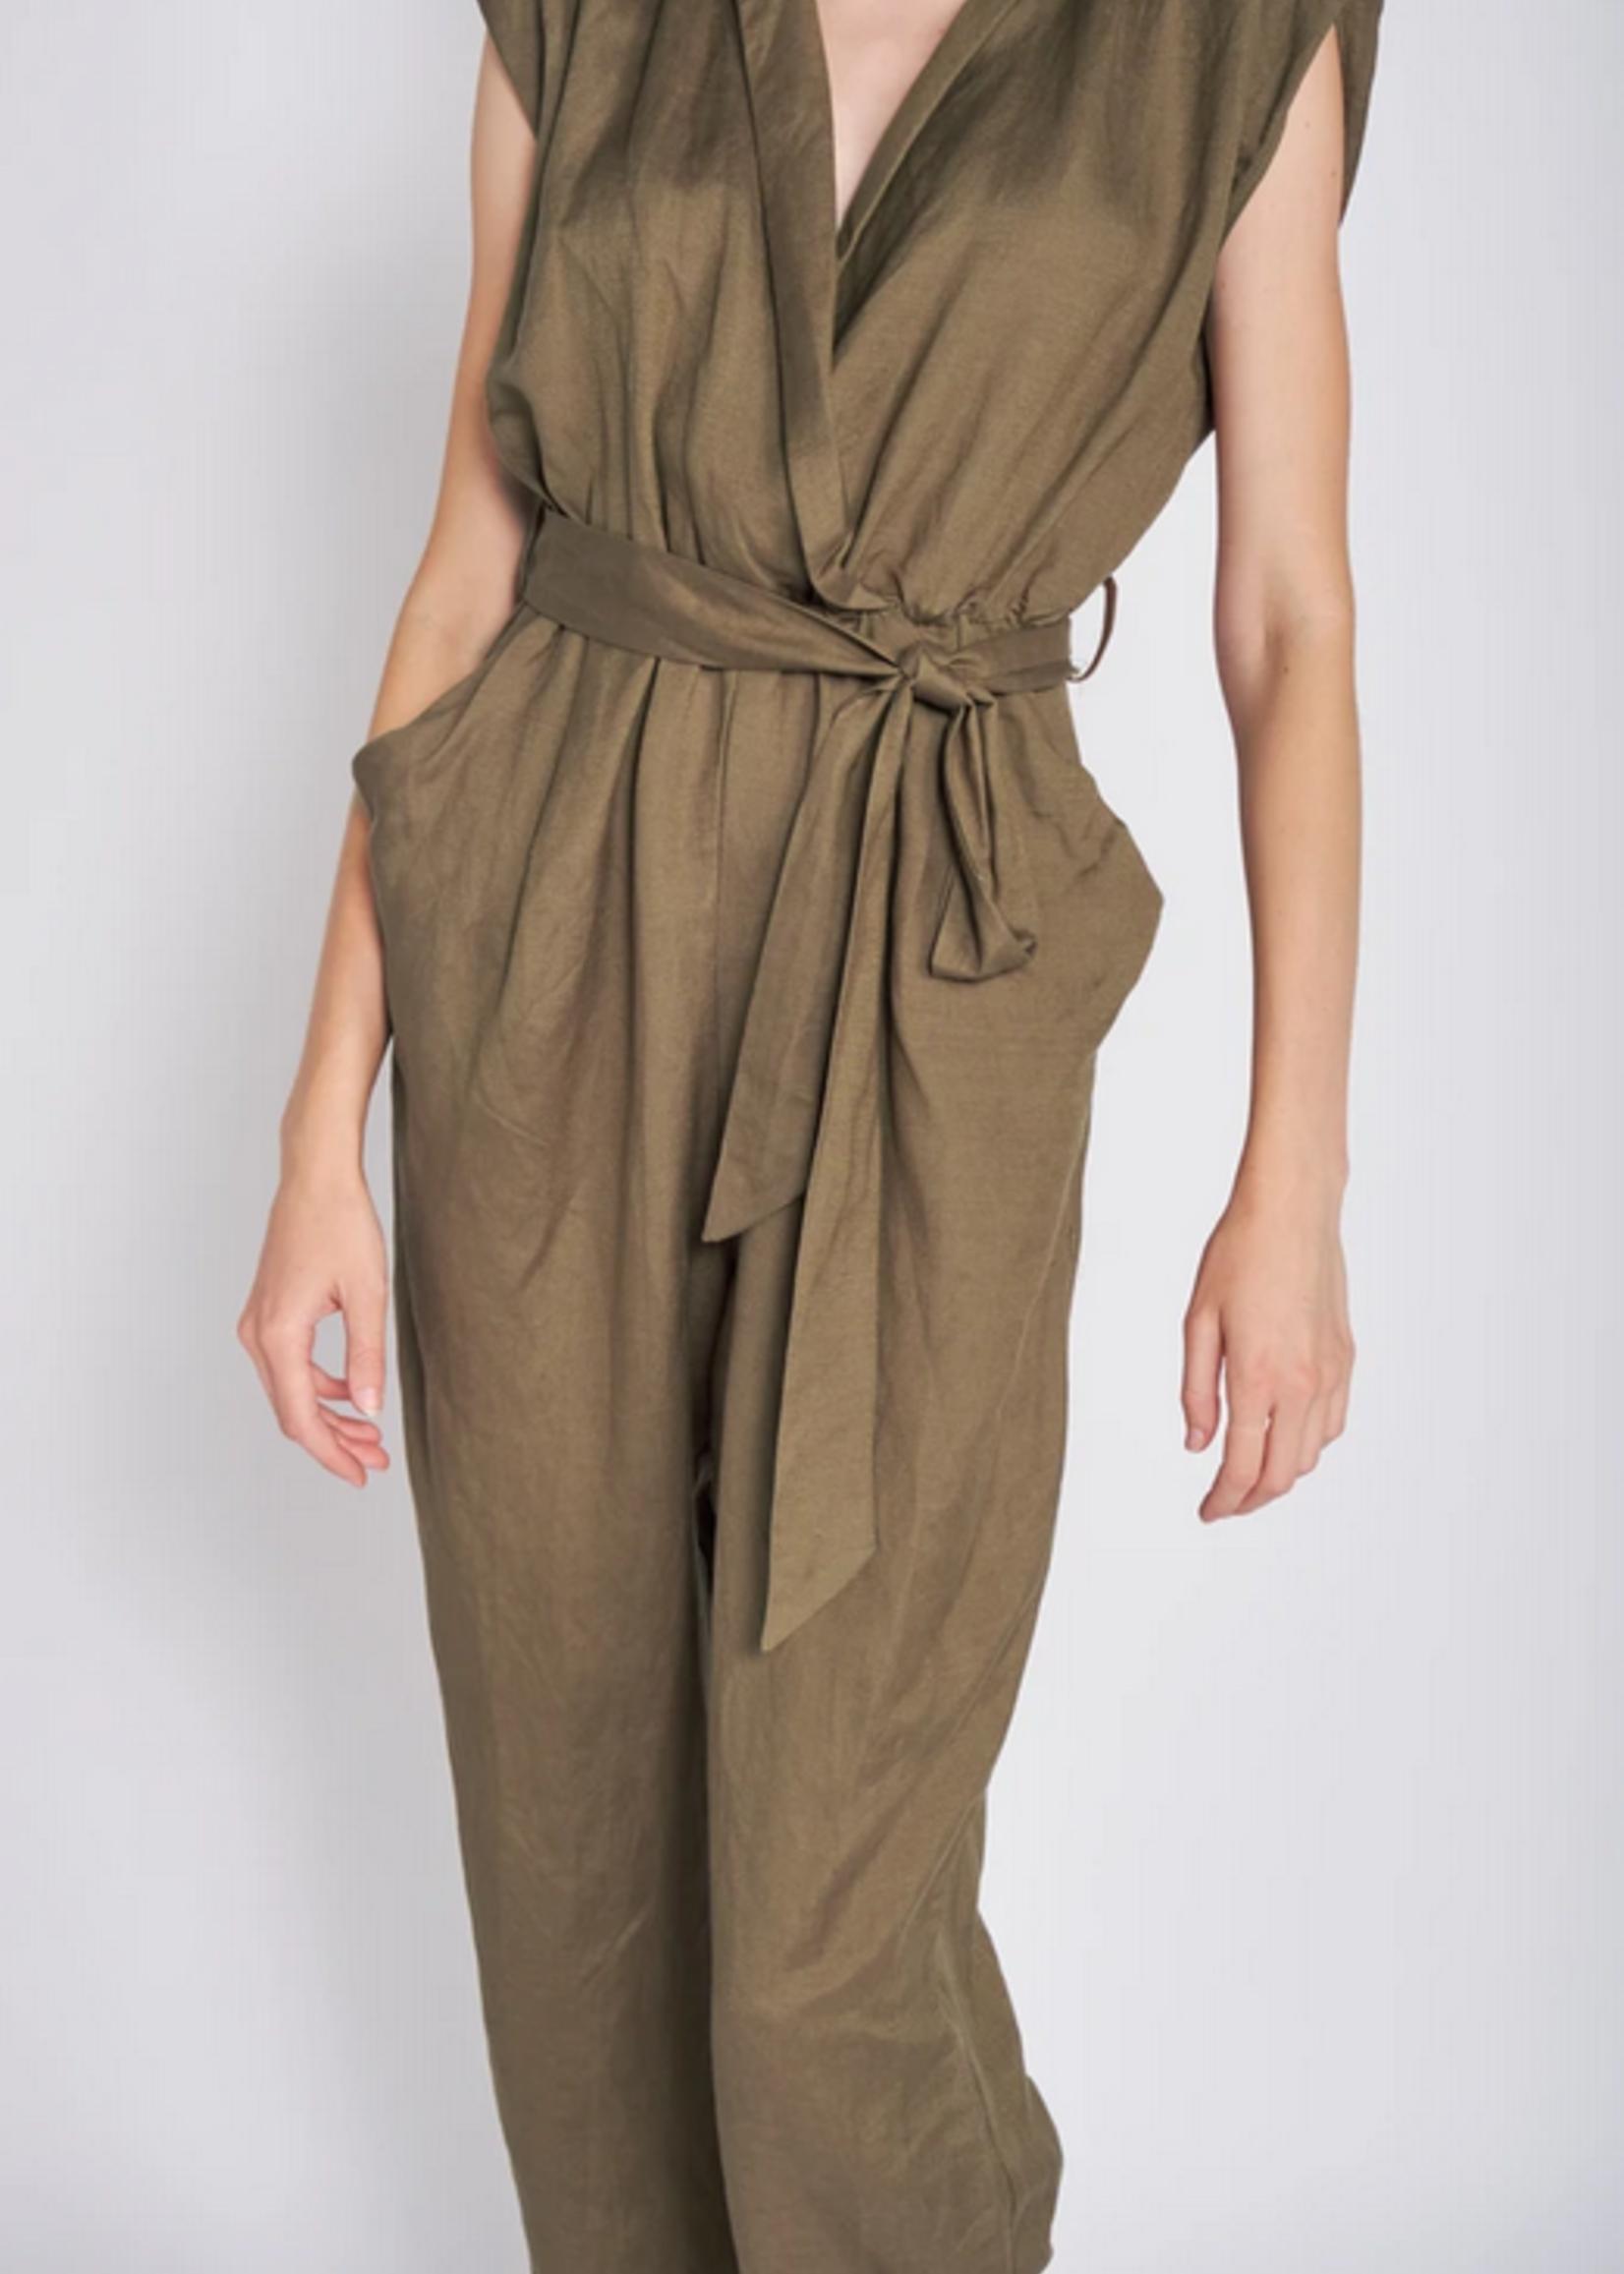 Elitaire Boutique Olive Linen Jumpsuit